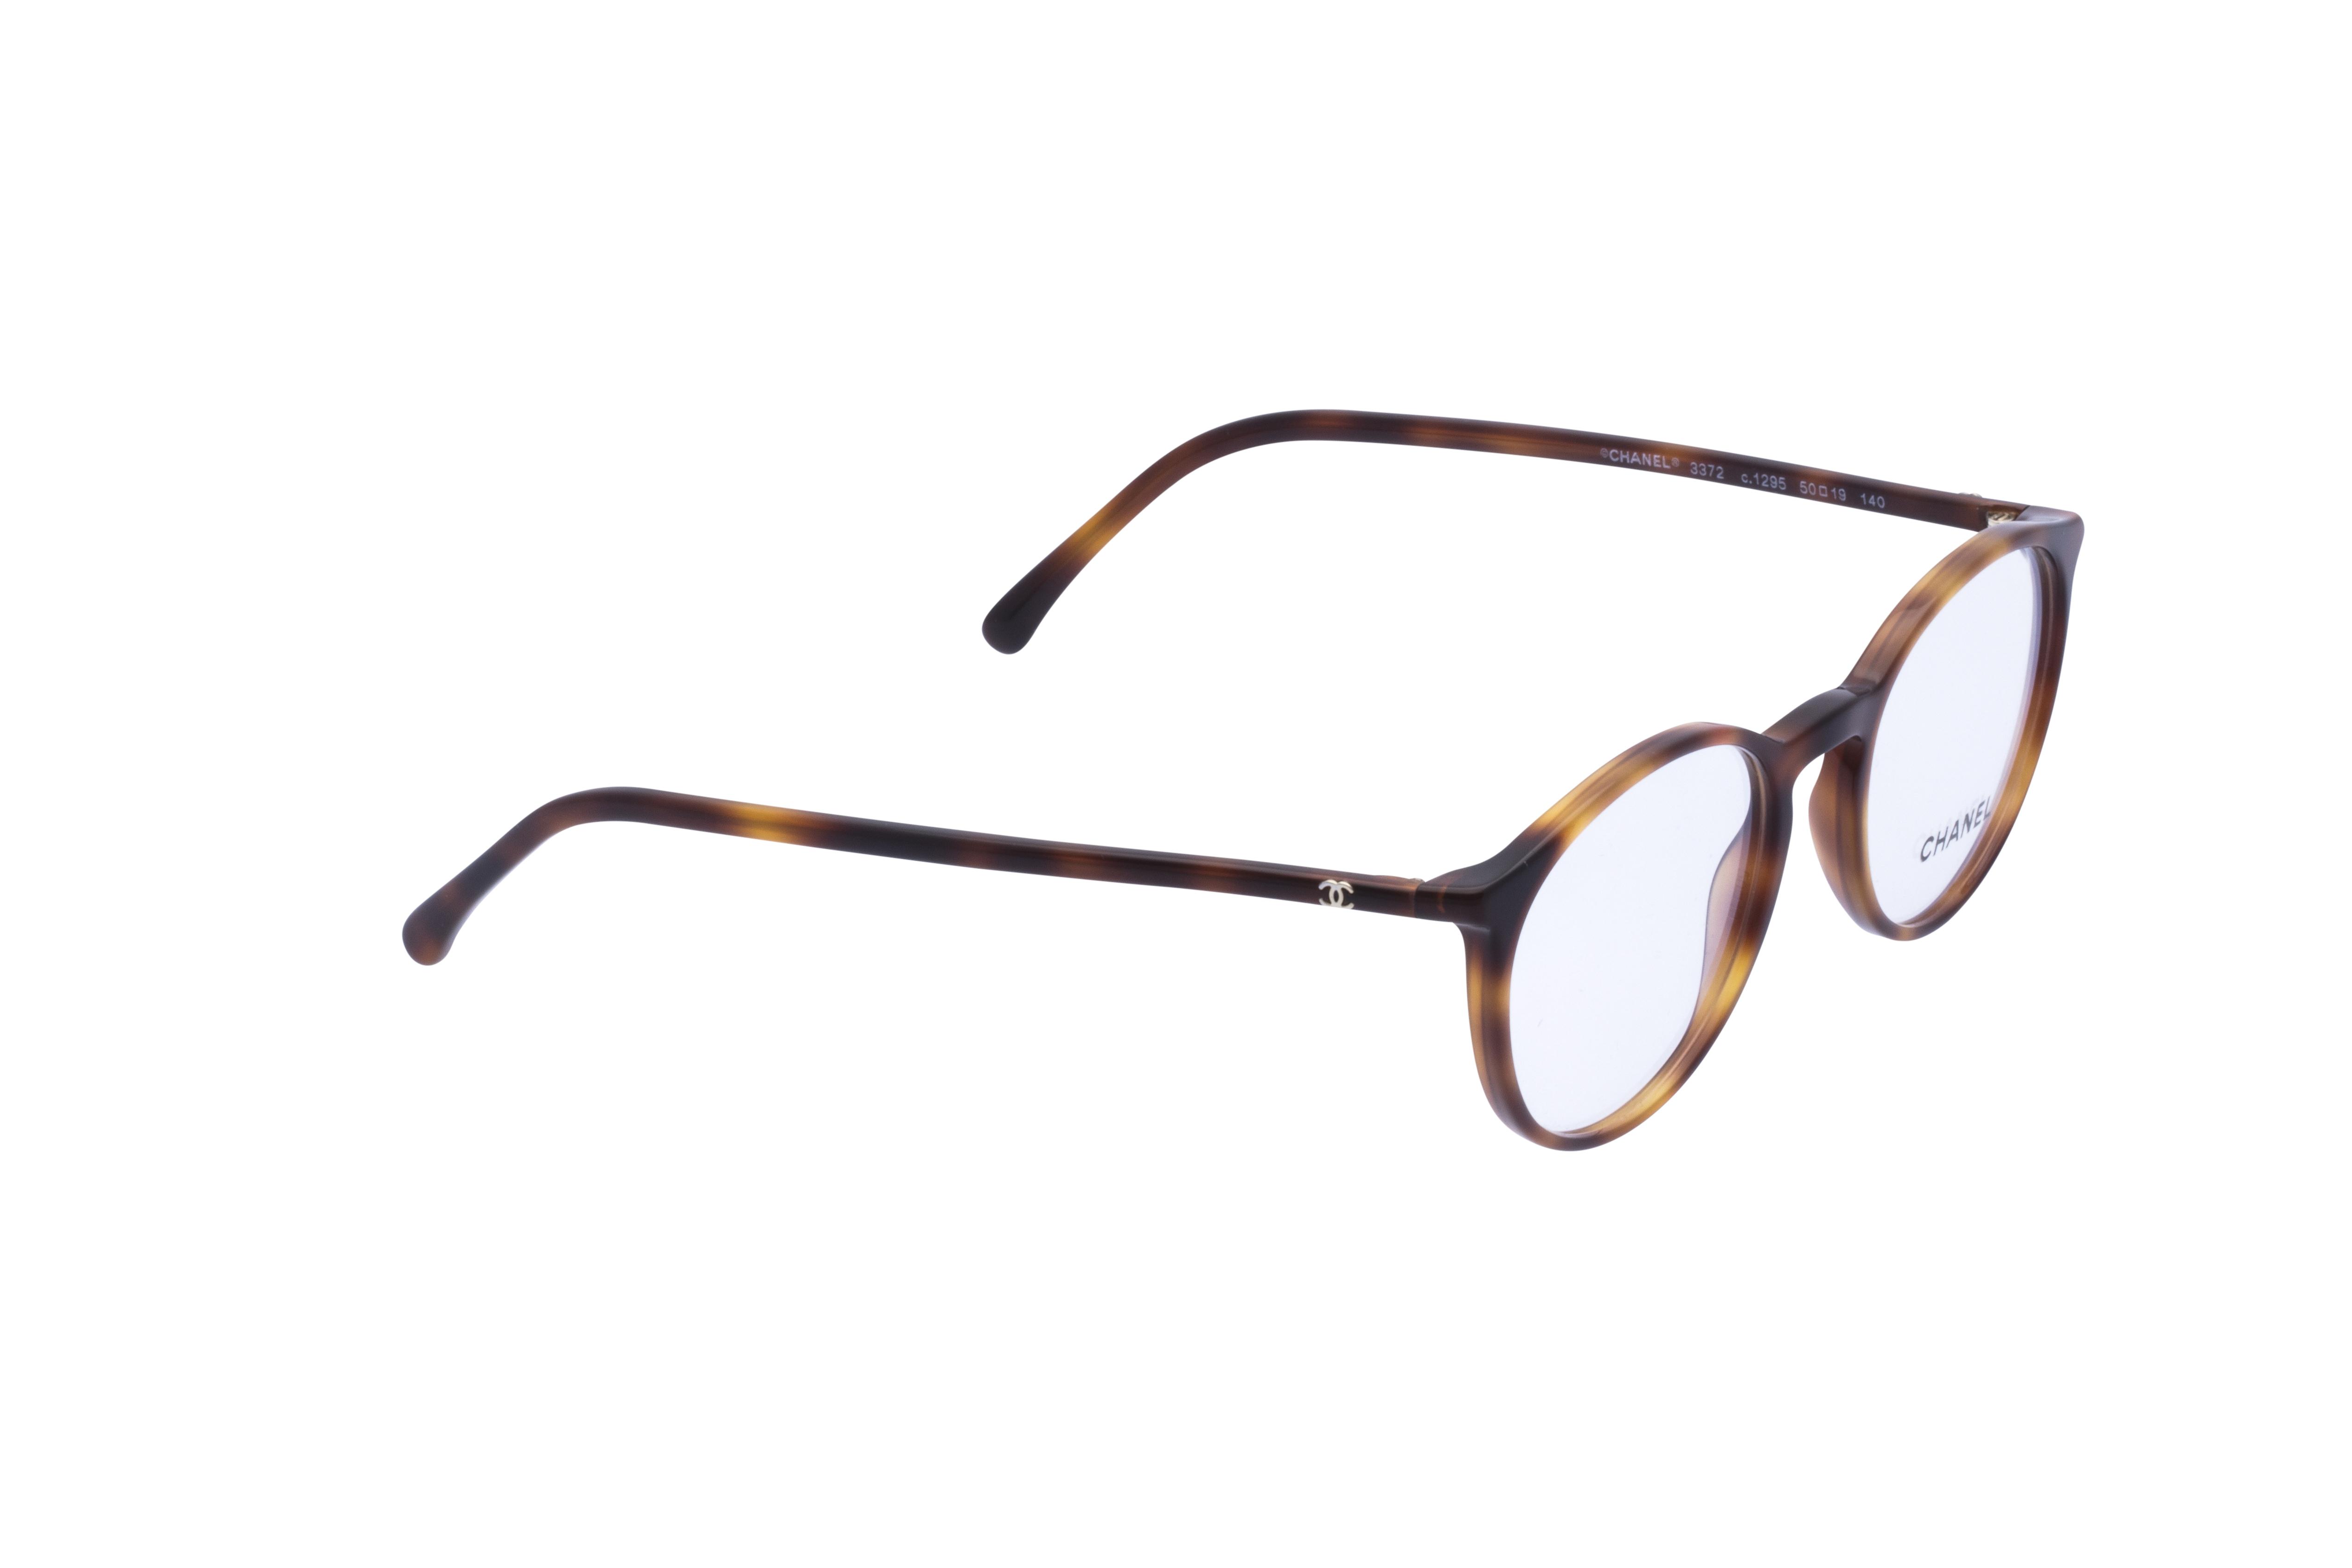 360 Grad Ansicht 4 Chanel 3372 Frontansicht, Brille auf Weiß - Fassung bei KUNK